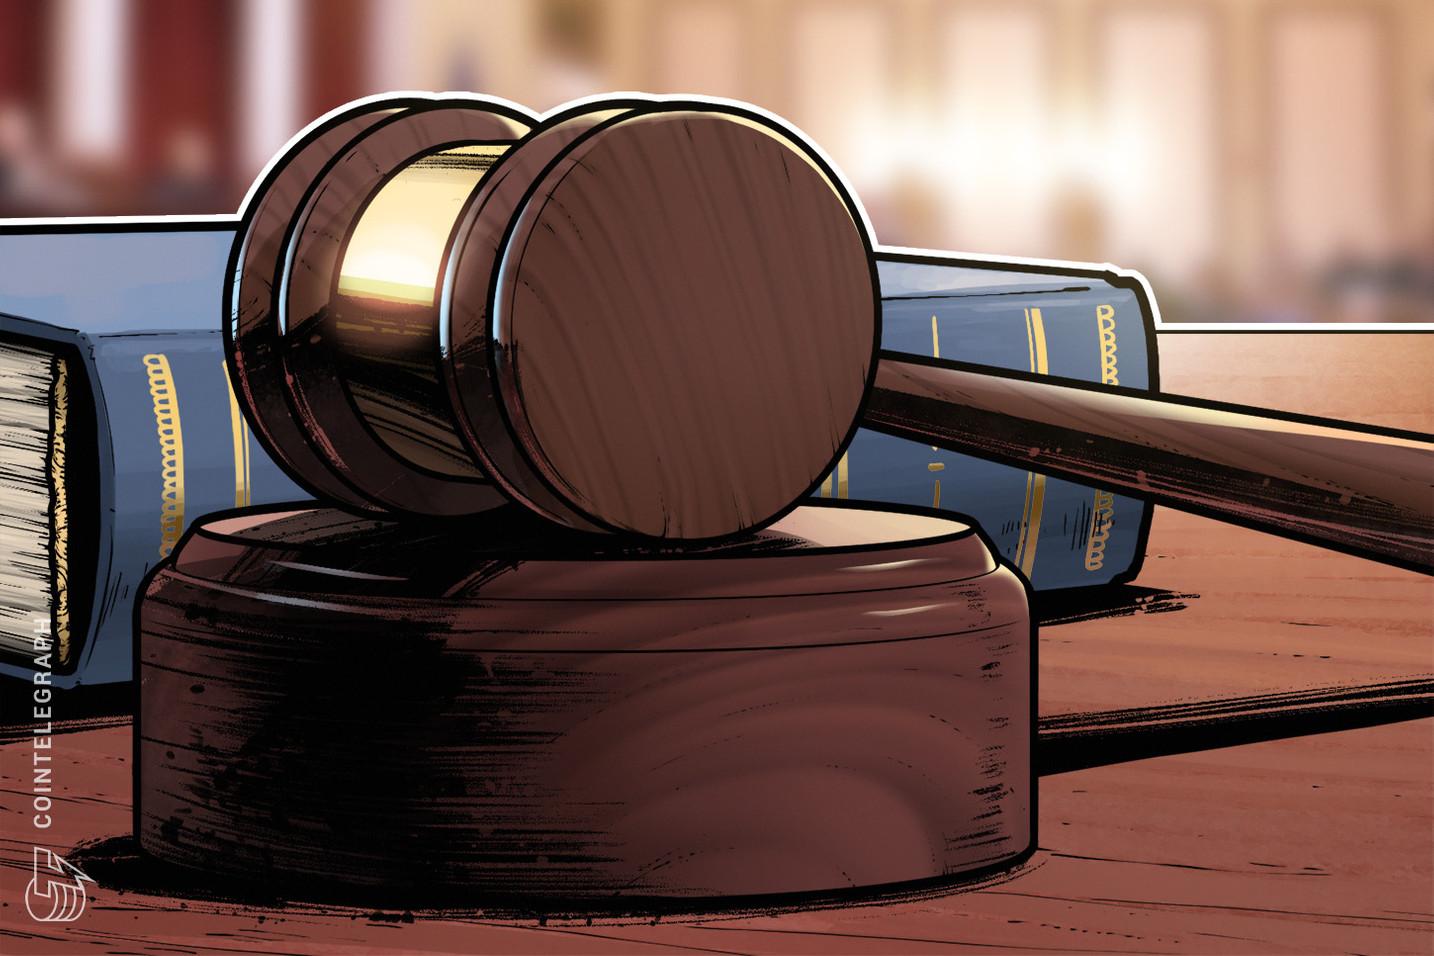 SolidX files lawsuit against VanEck alleging Bitcoin ETF 'plagiarism'